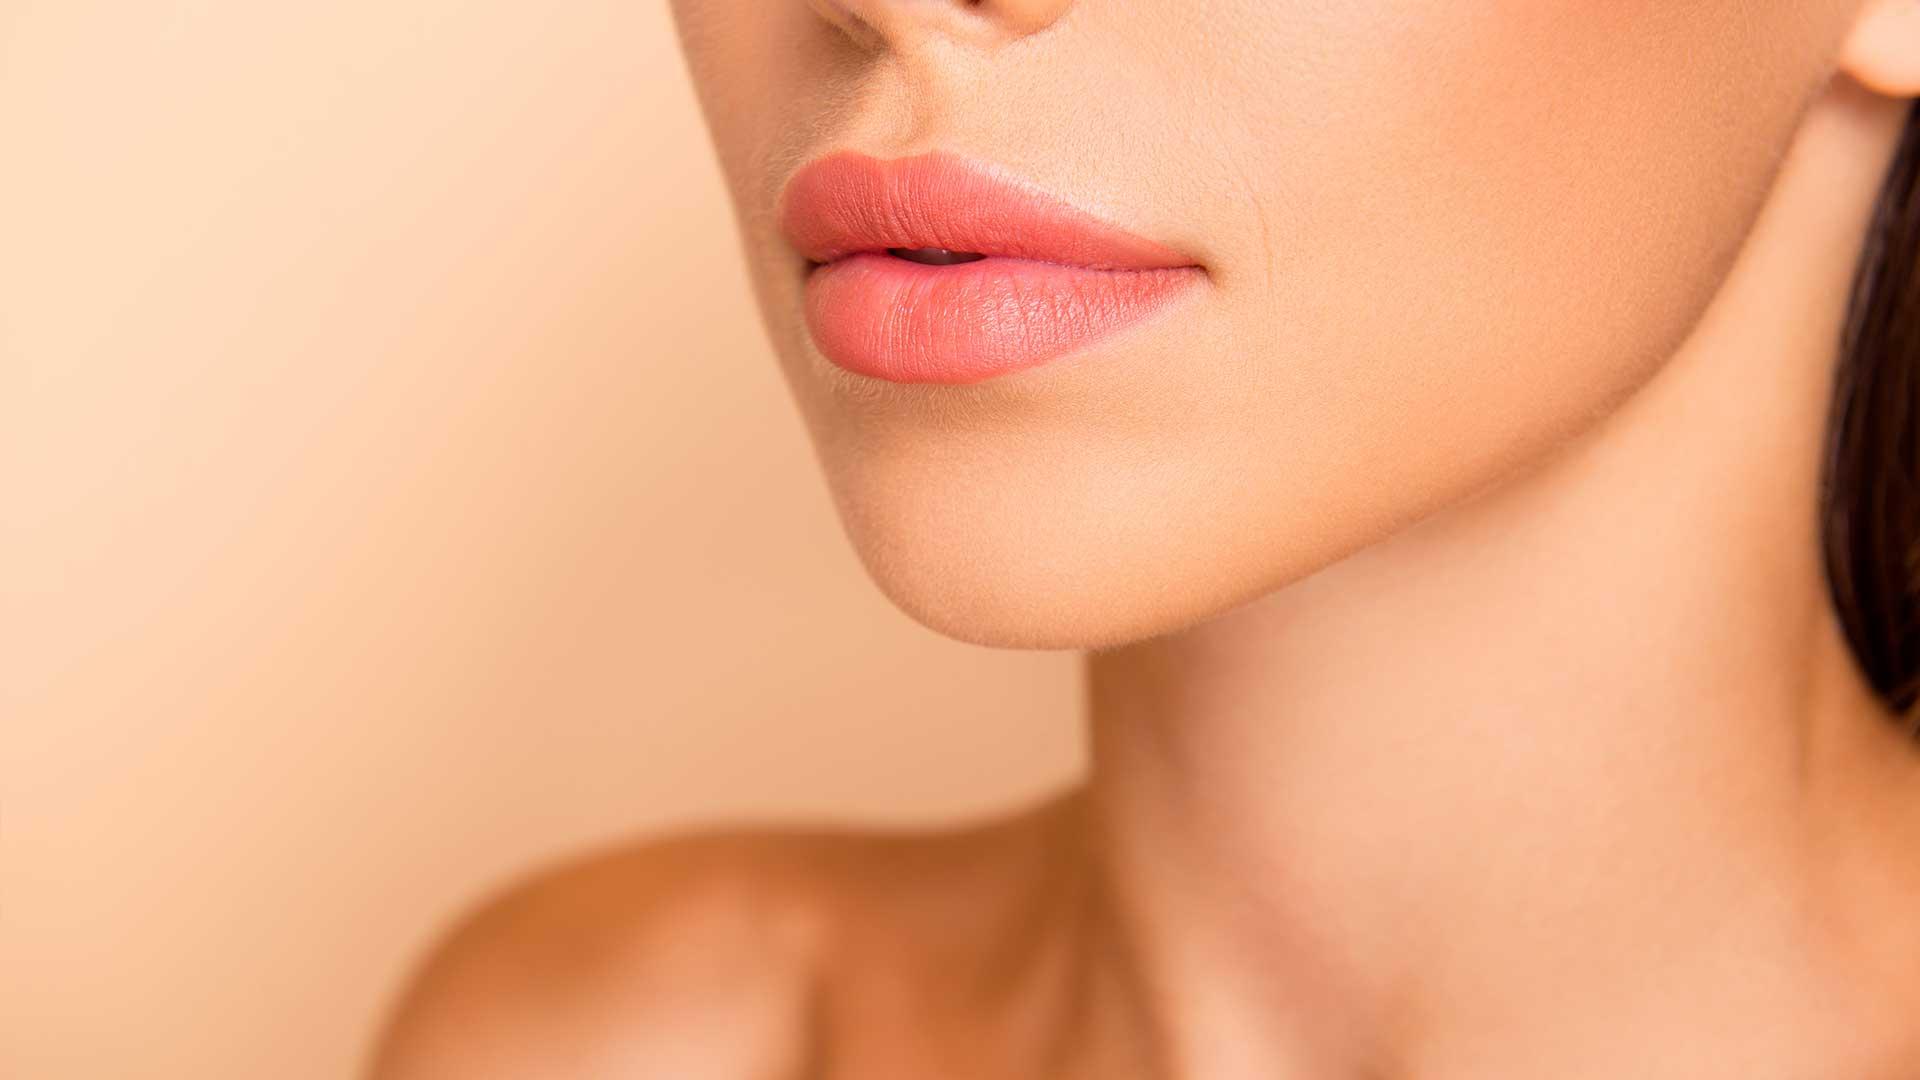 faltenunterspritzung-lippen-botox-mönchengladbach